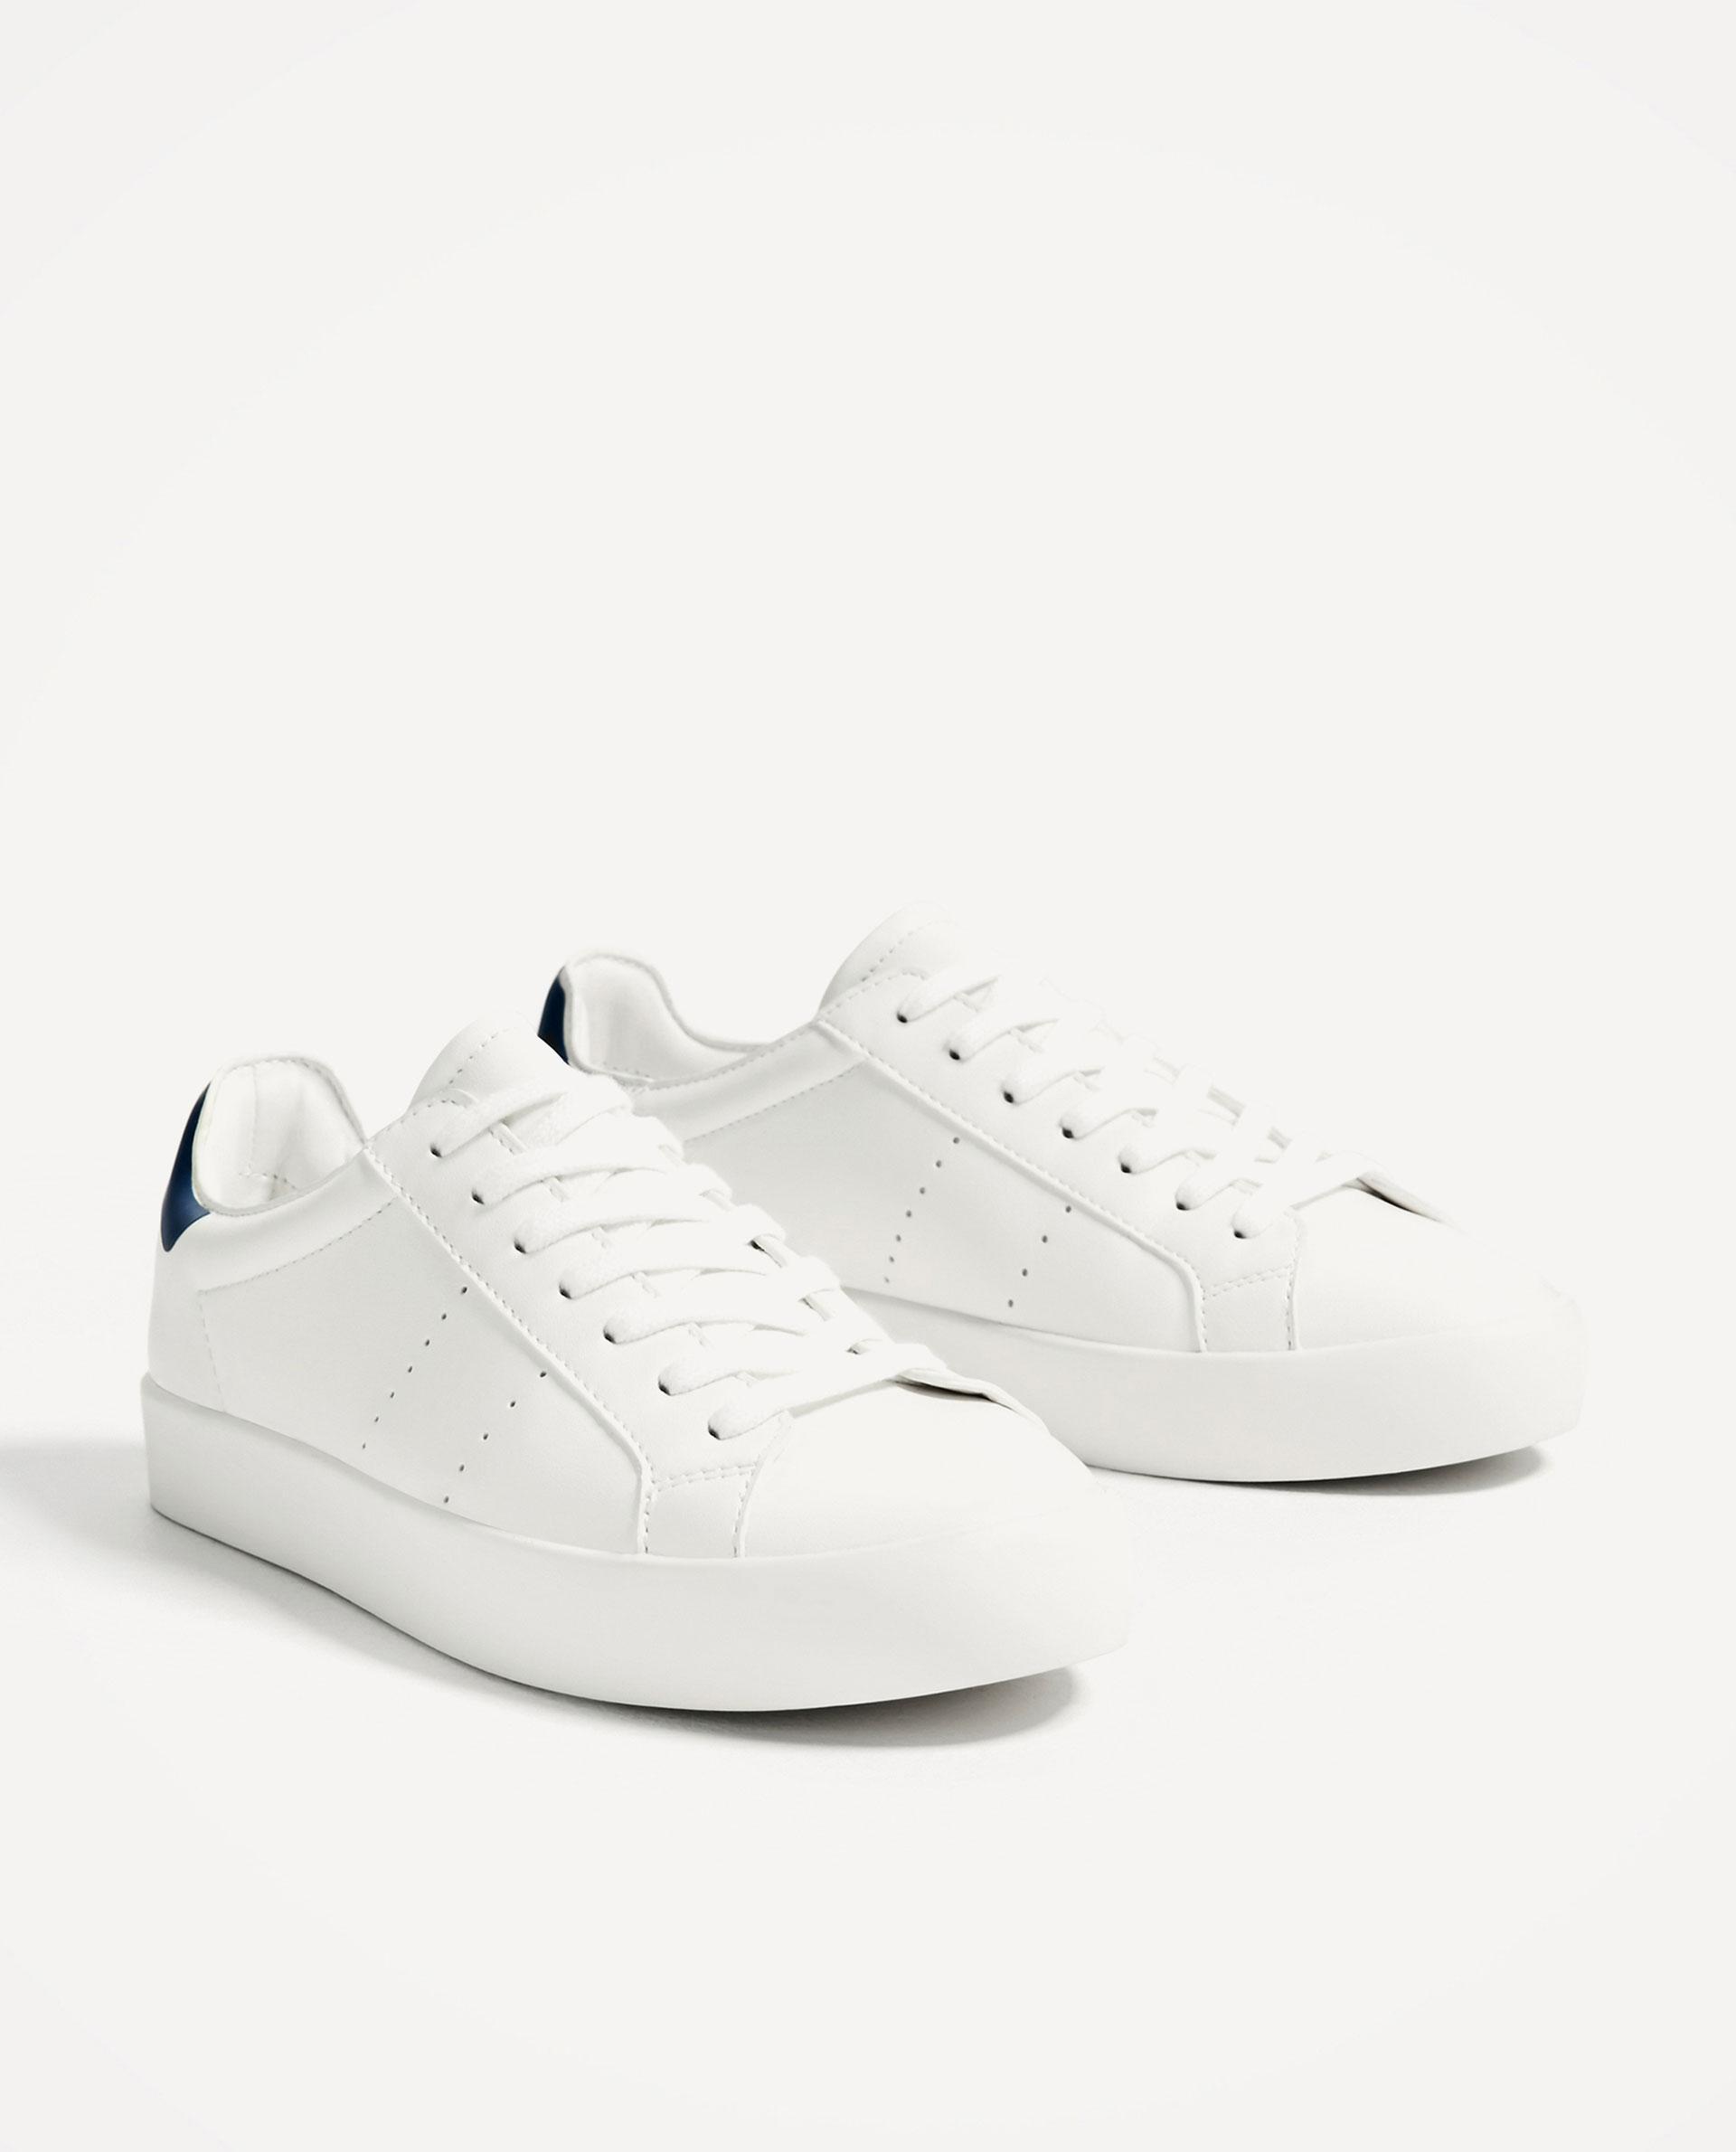 Totokaelo Shoes Sale Women